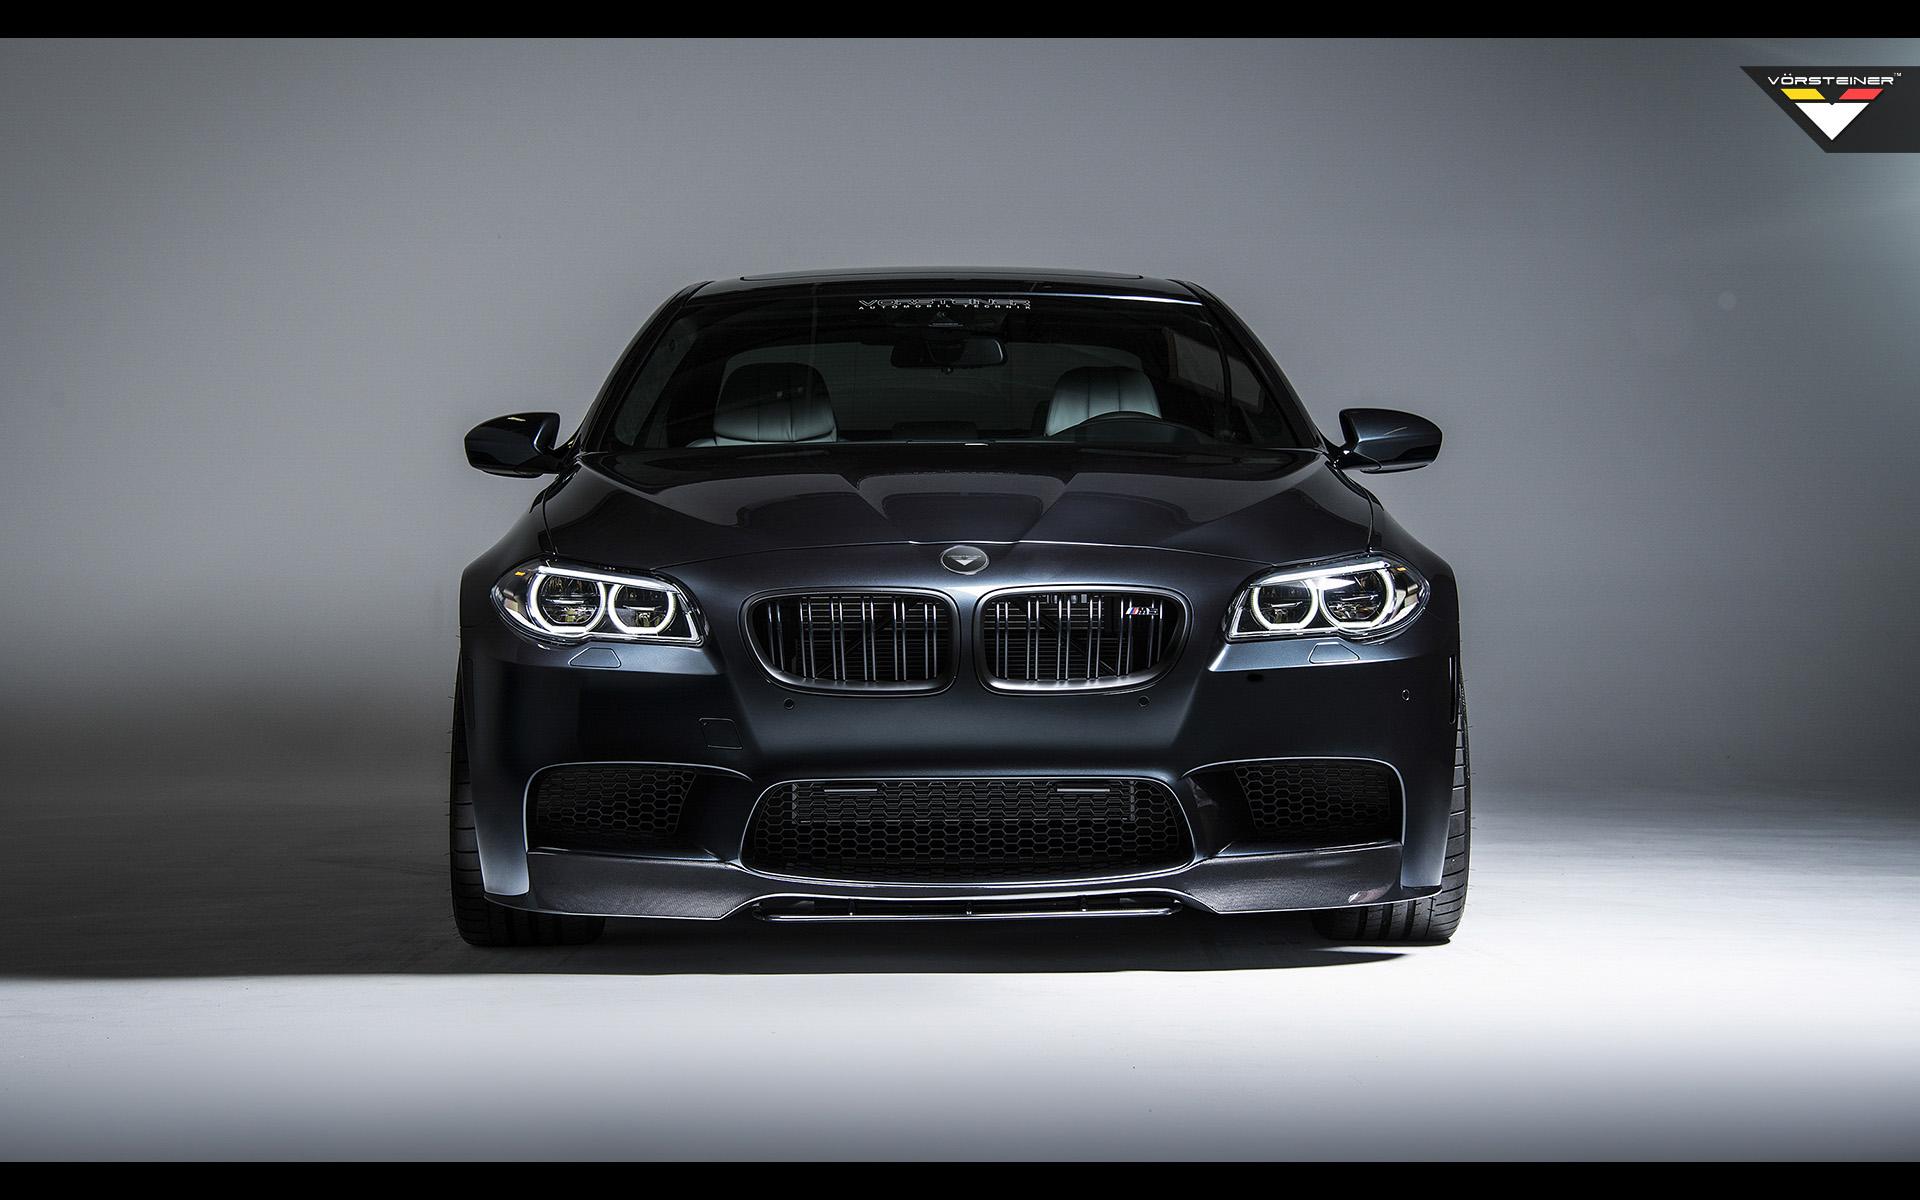 2014 Vorsteiner BMW F10 M5 m 5 r wallpaper 1920x1200 194051 1920x1200